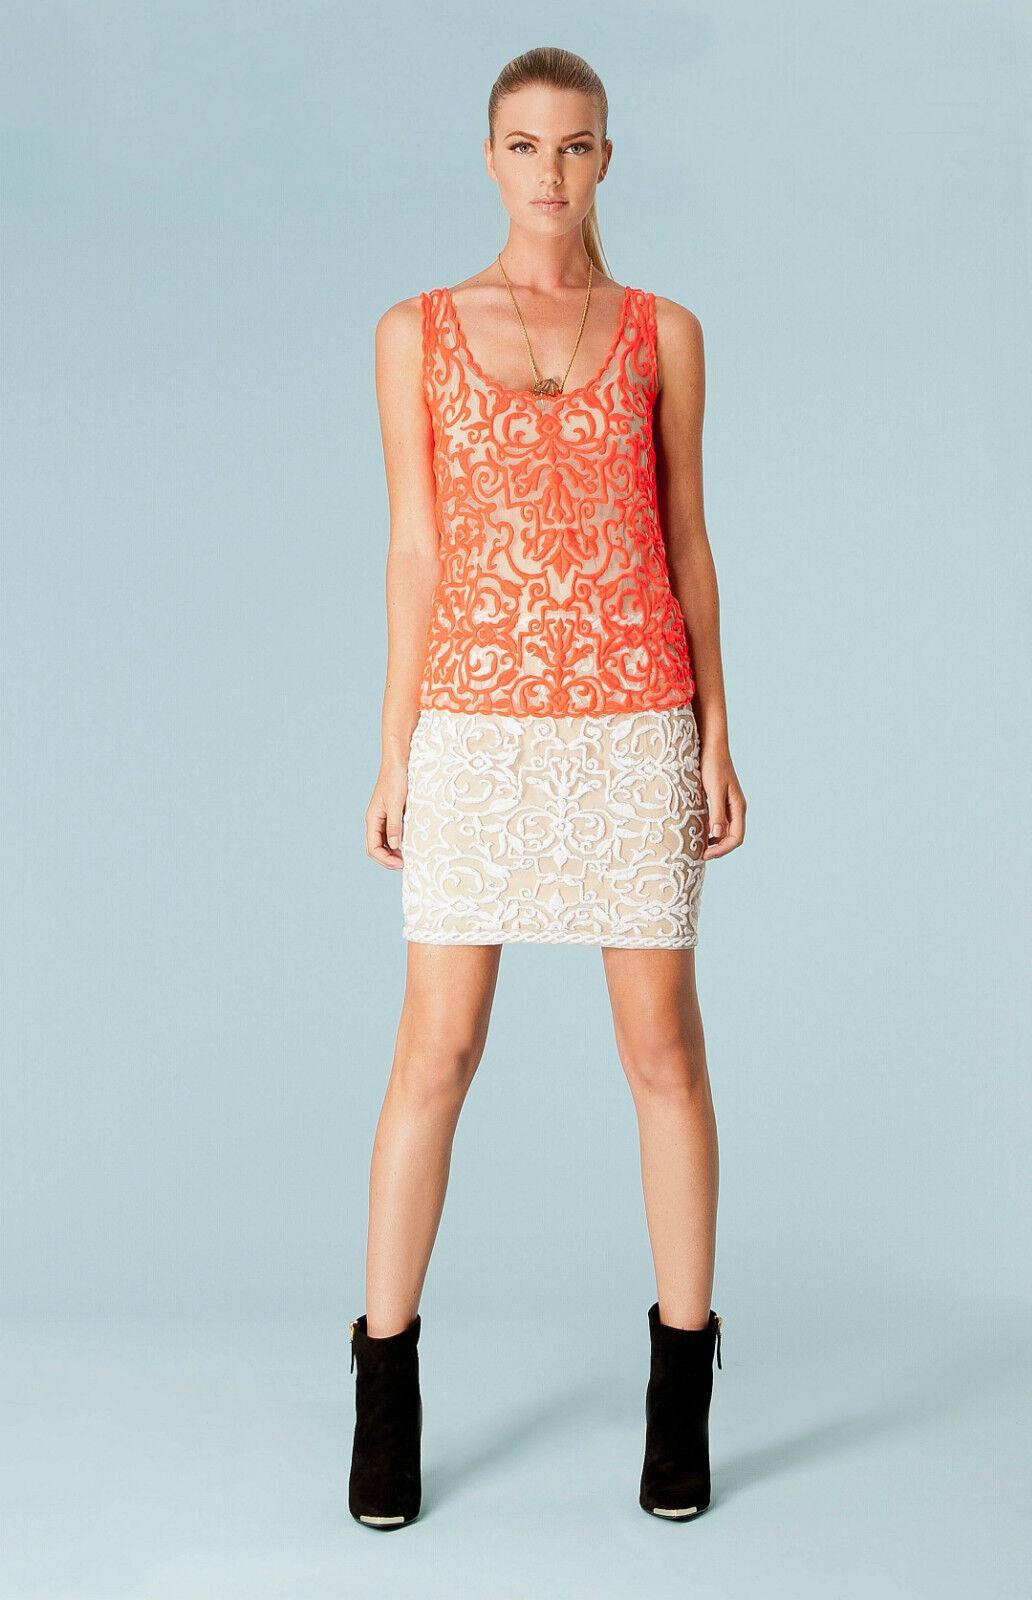 Hale Bob Ivory Embroidered Mesh Mini Skirt S M NWT 3DVA4837